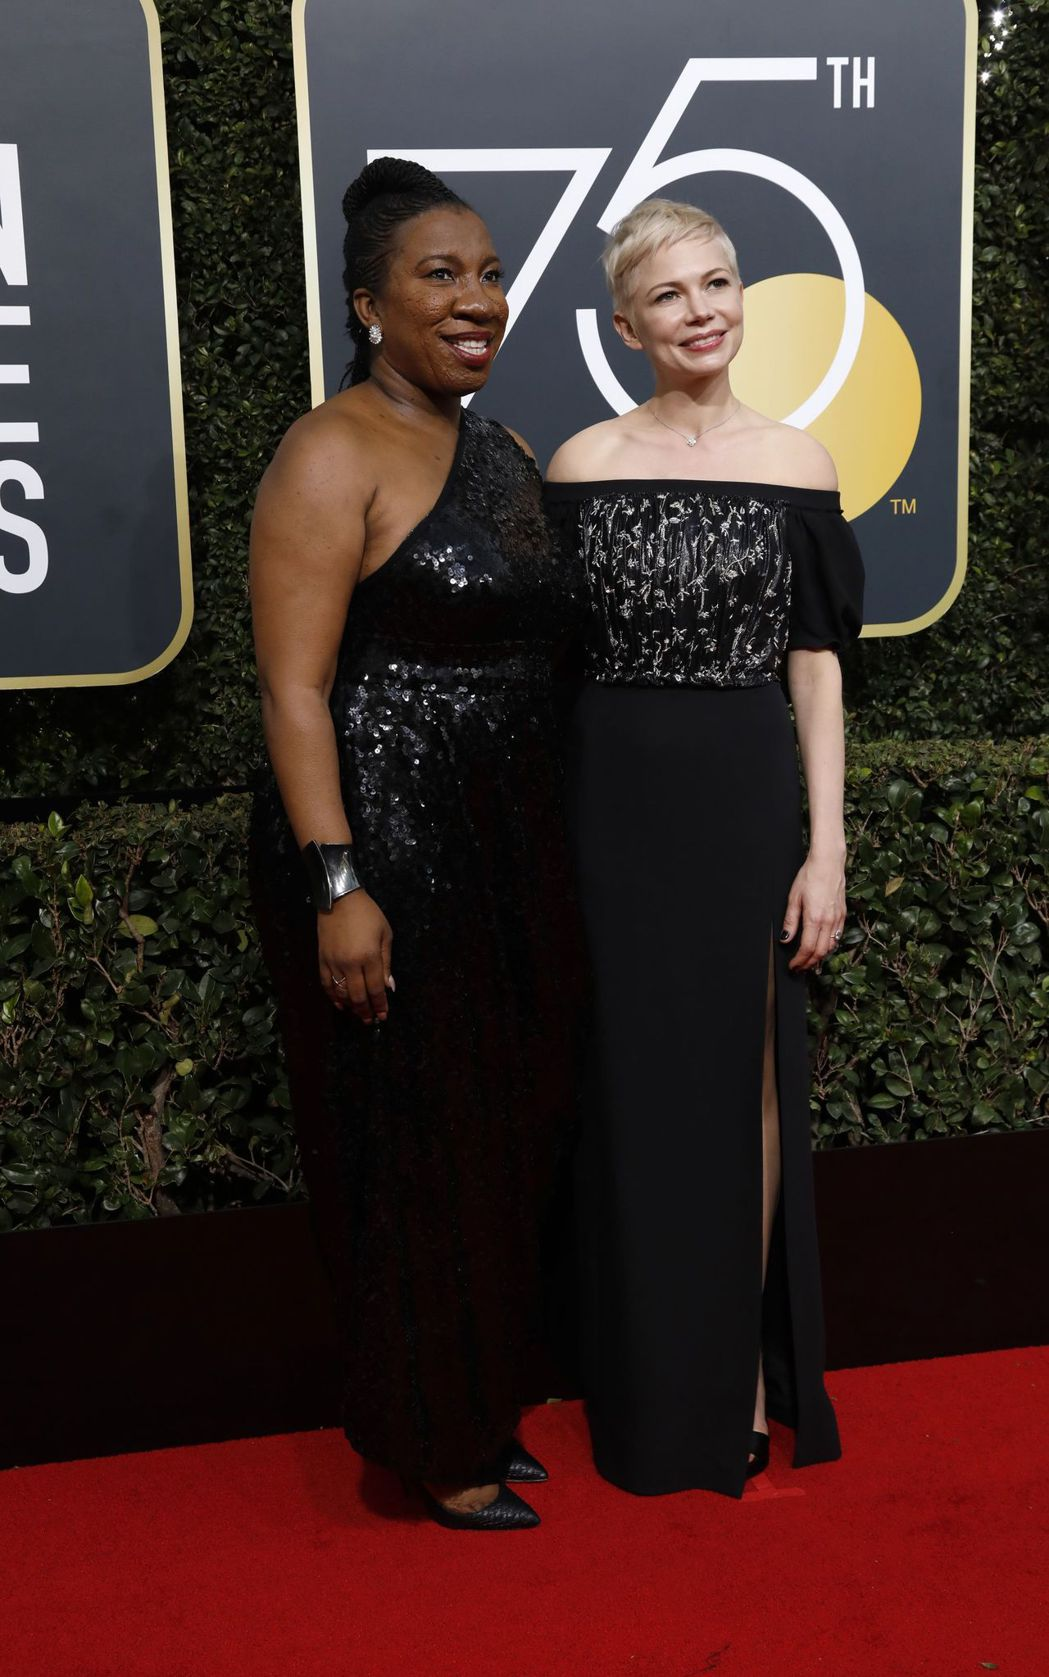 金球獎頒獎典禮紅毯上,美國女星蜜雪兒威廉絲(右)穿著一襲露肩花雕黑禮服,另一側則...